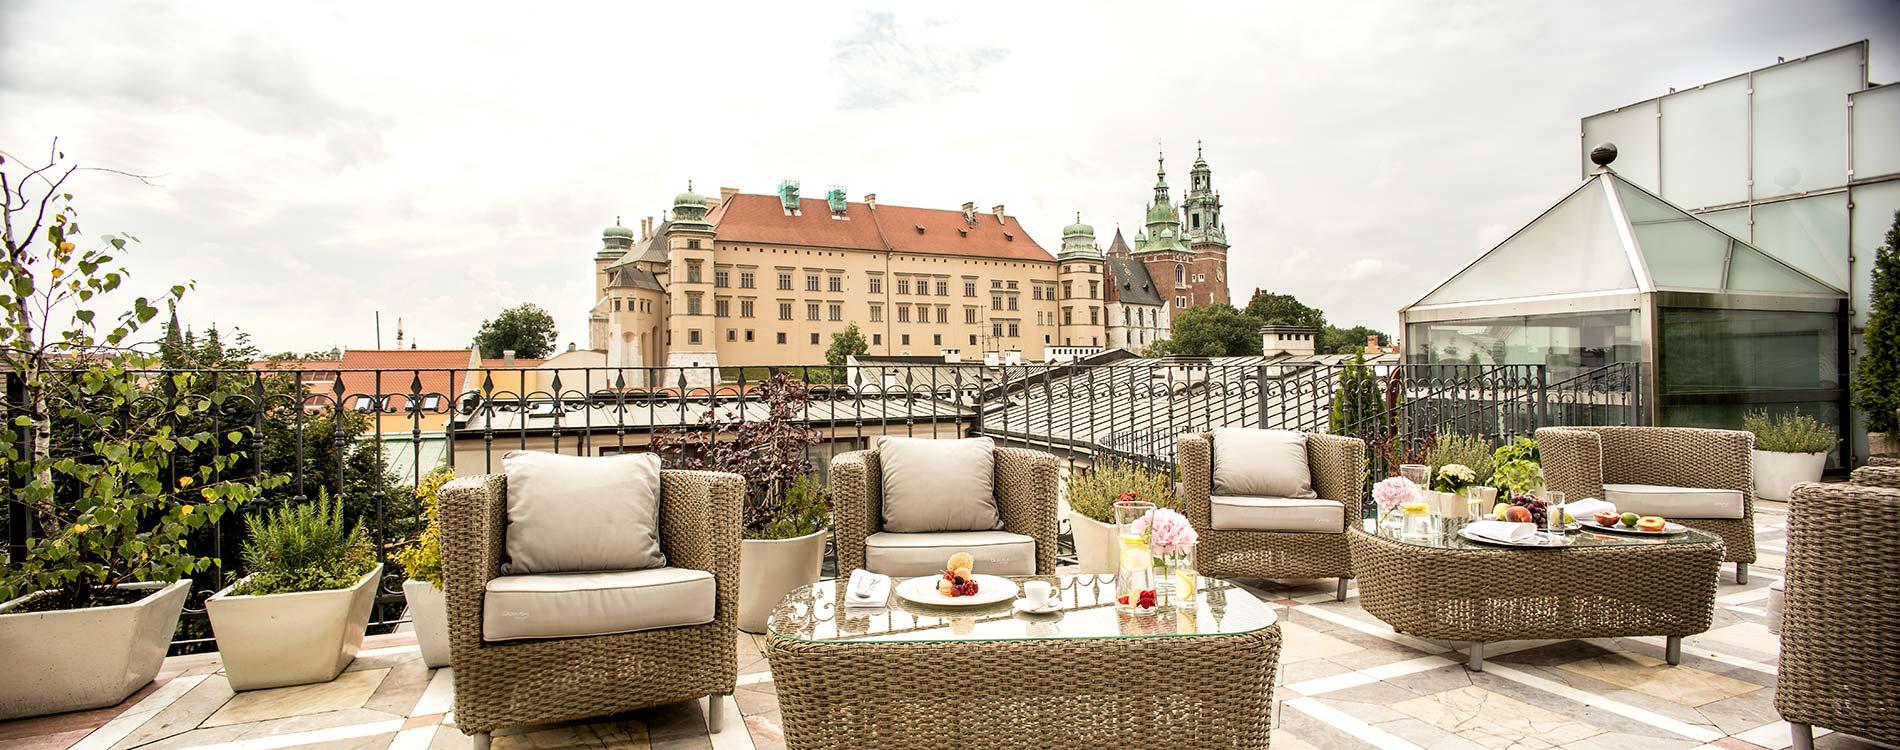 Spa in Krakow